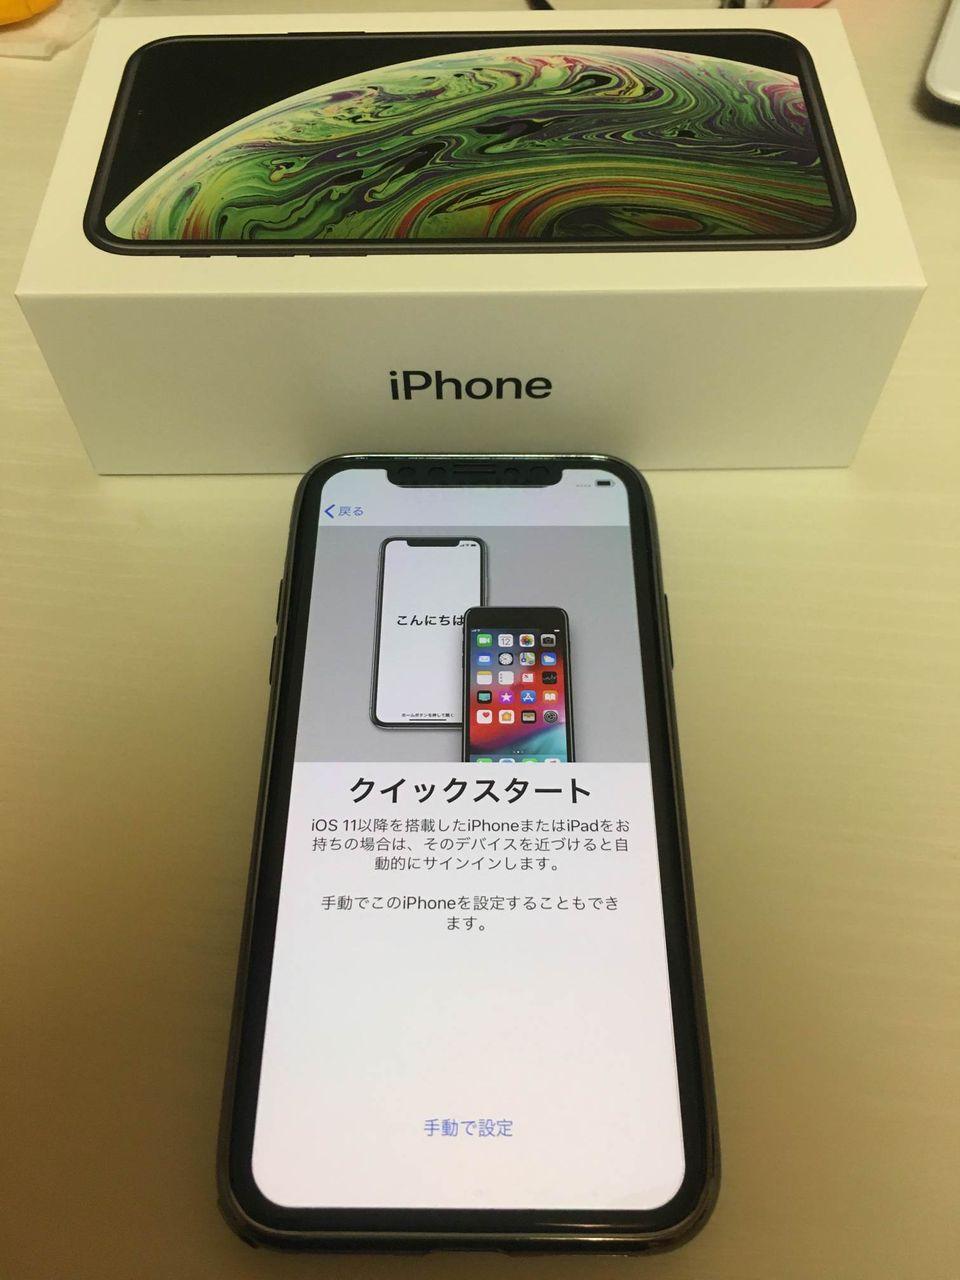 【朗報】iPhone xsガチのマジでかっこいいwwww